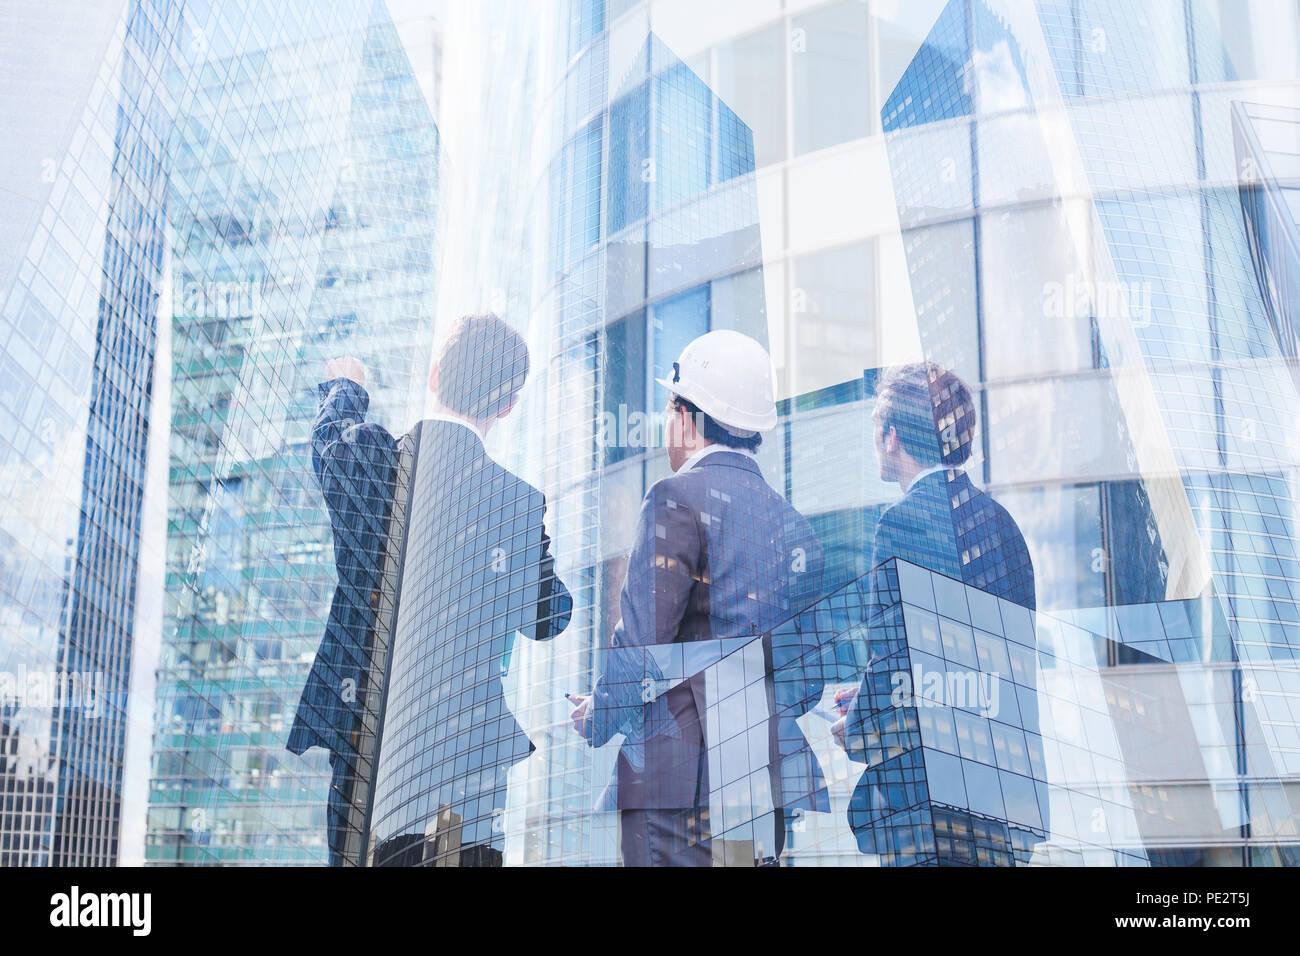 Groupe de gens d'affaires de discuter du projet immobilier, de la construction de nouvelles capacités, la coopération de l'architecte, designer et manager Photo Stock